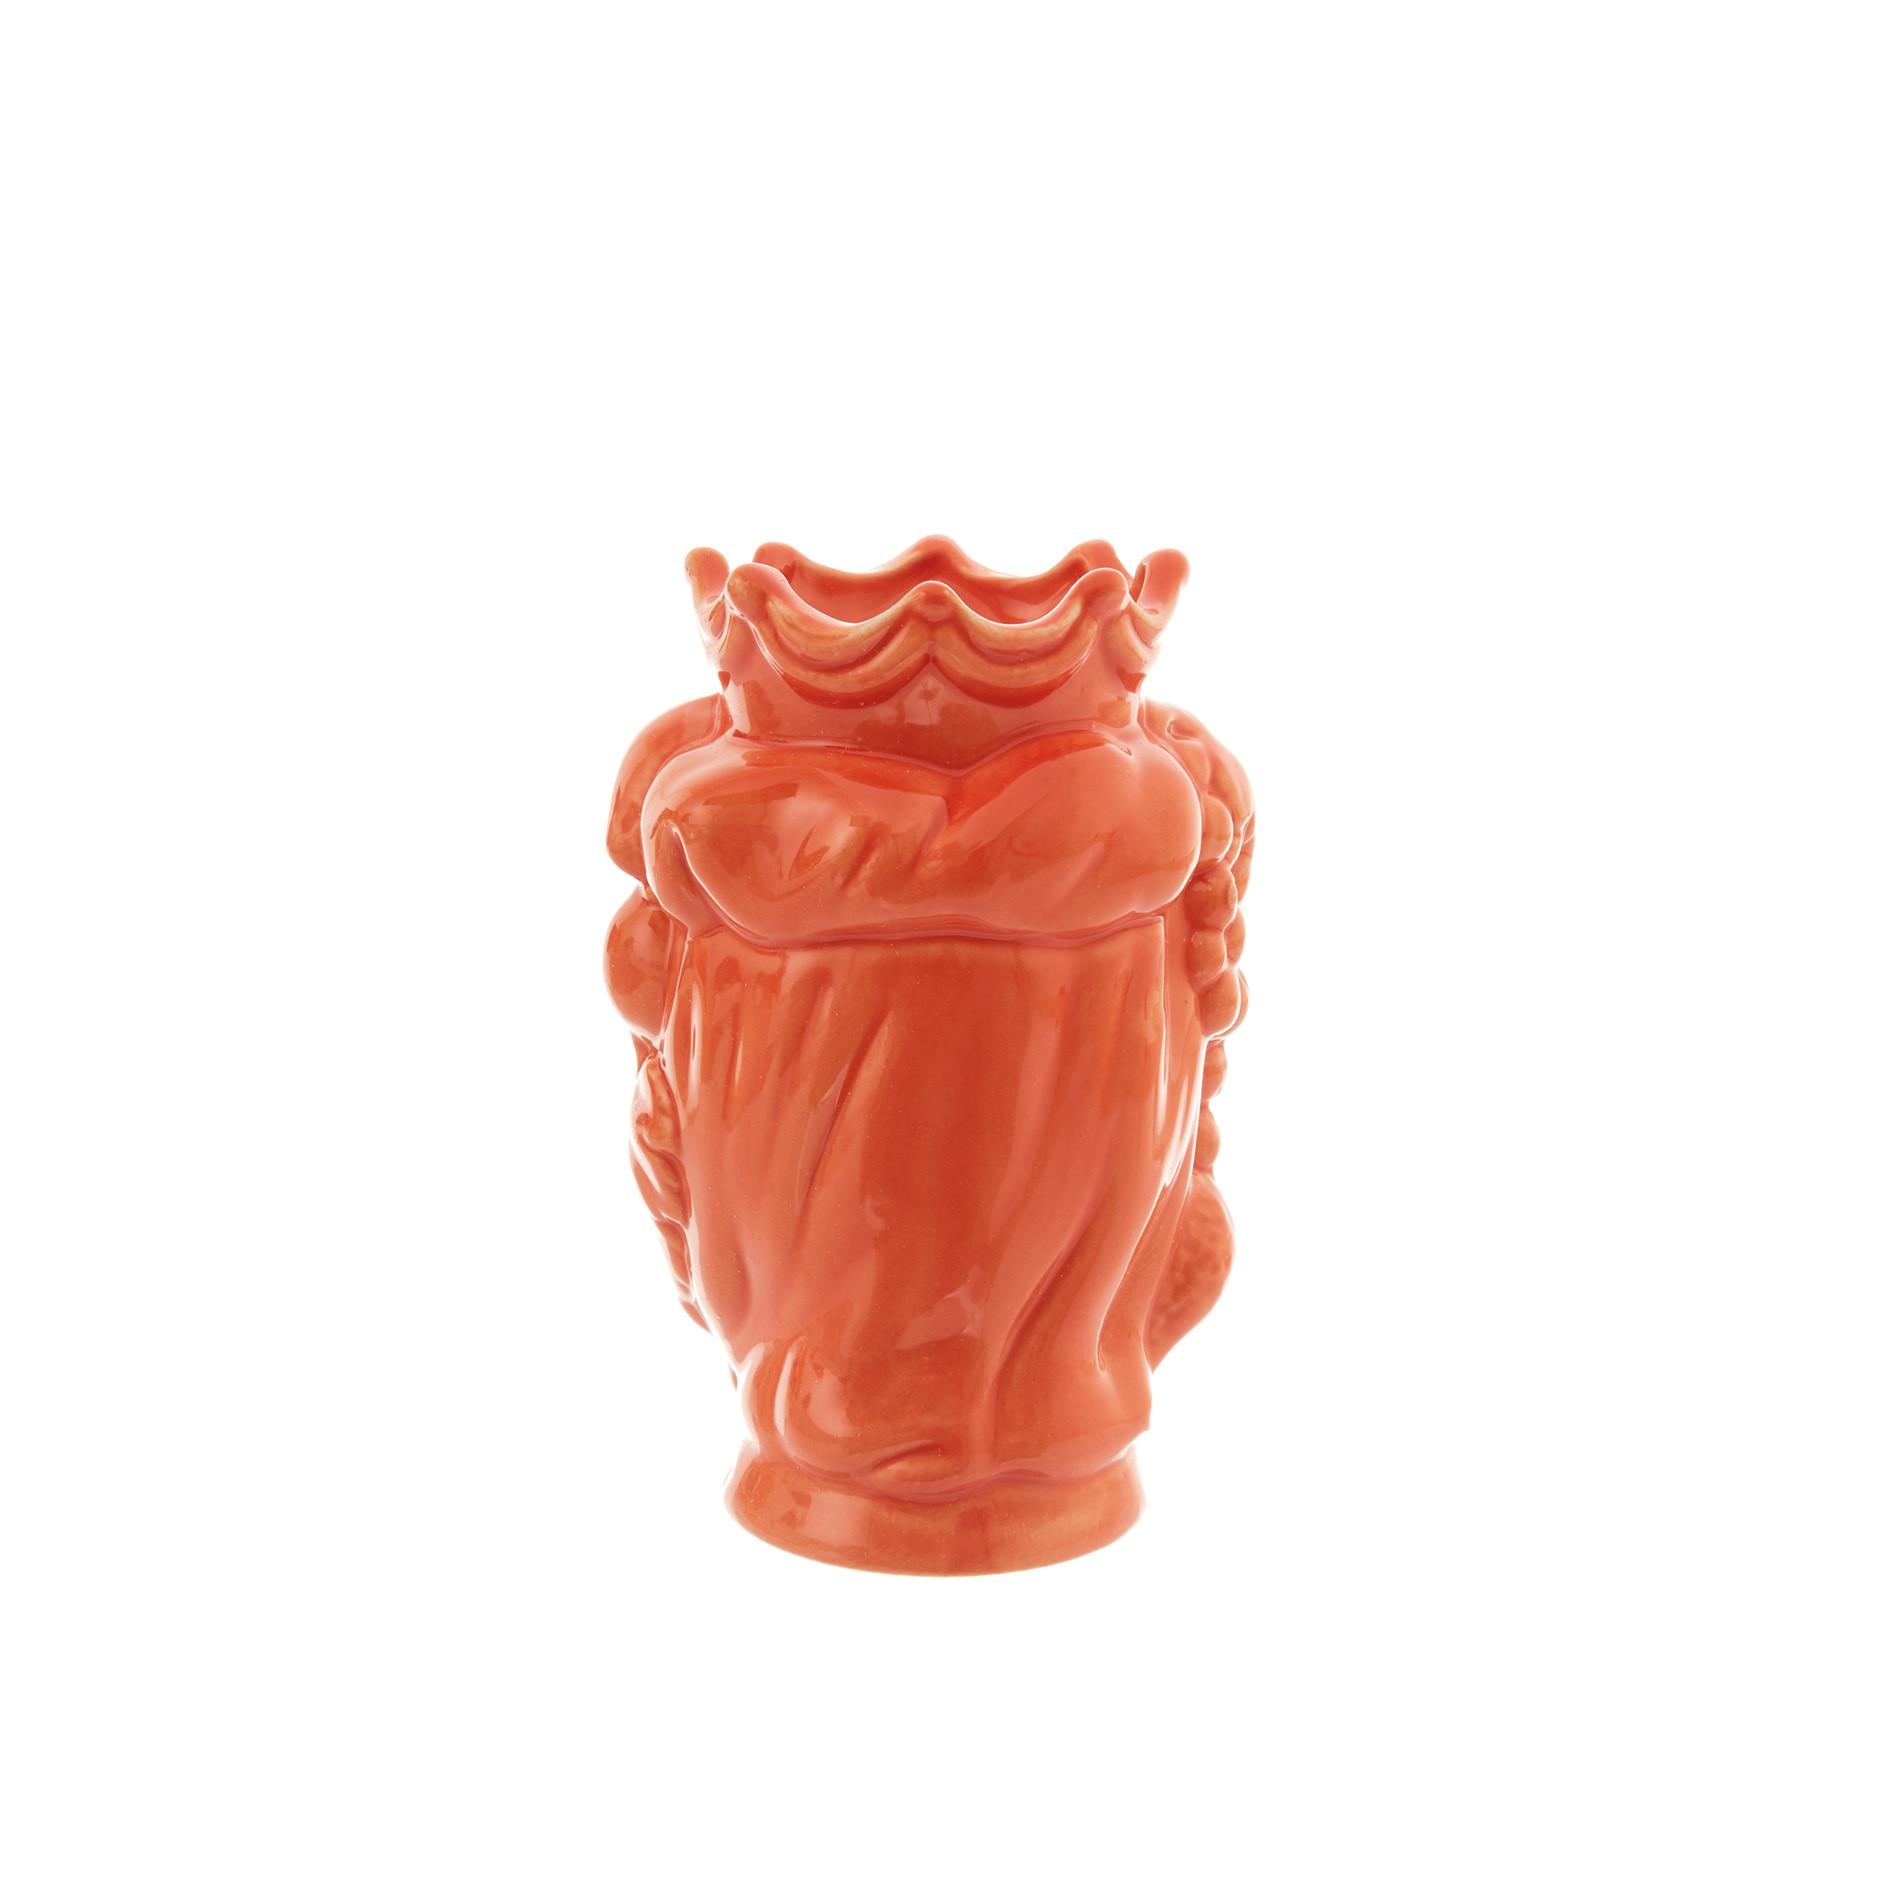 Testa di moro by Ceramiche Siciliane Ruggeri, Arancione, large image number 2